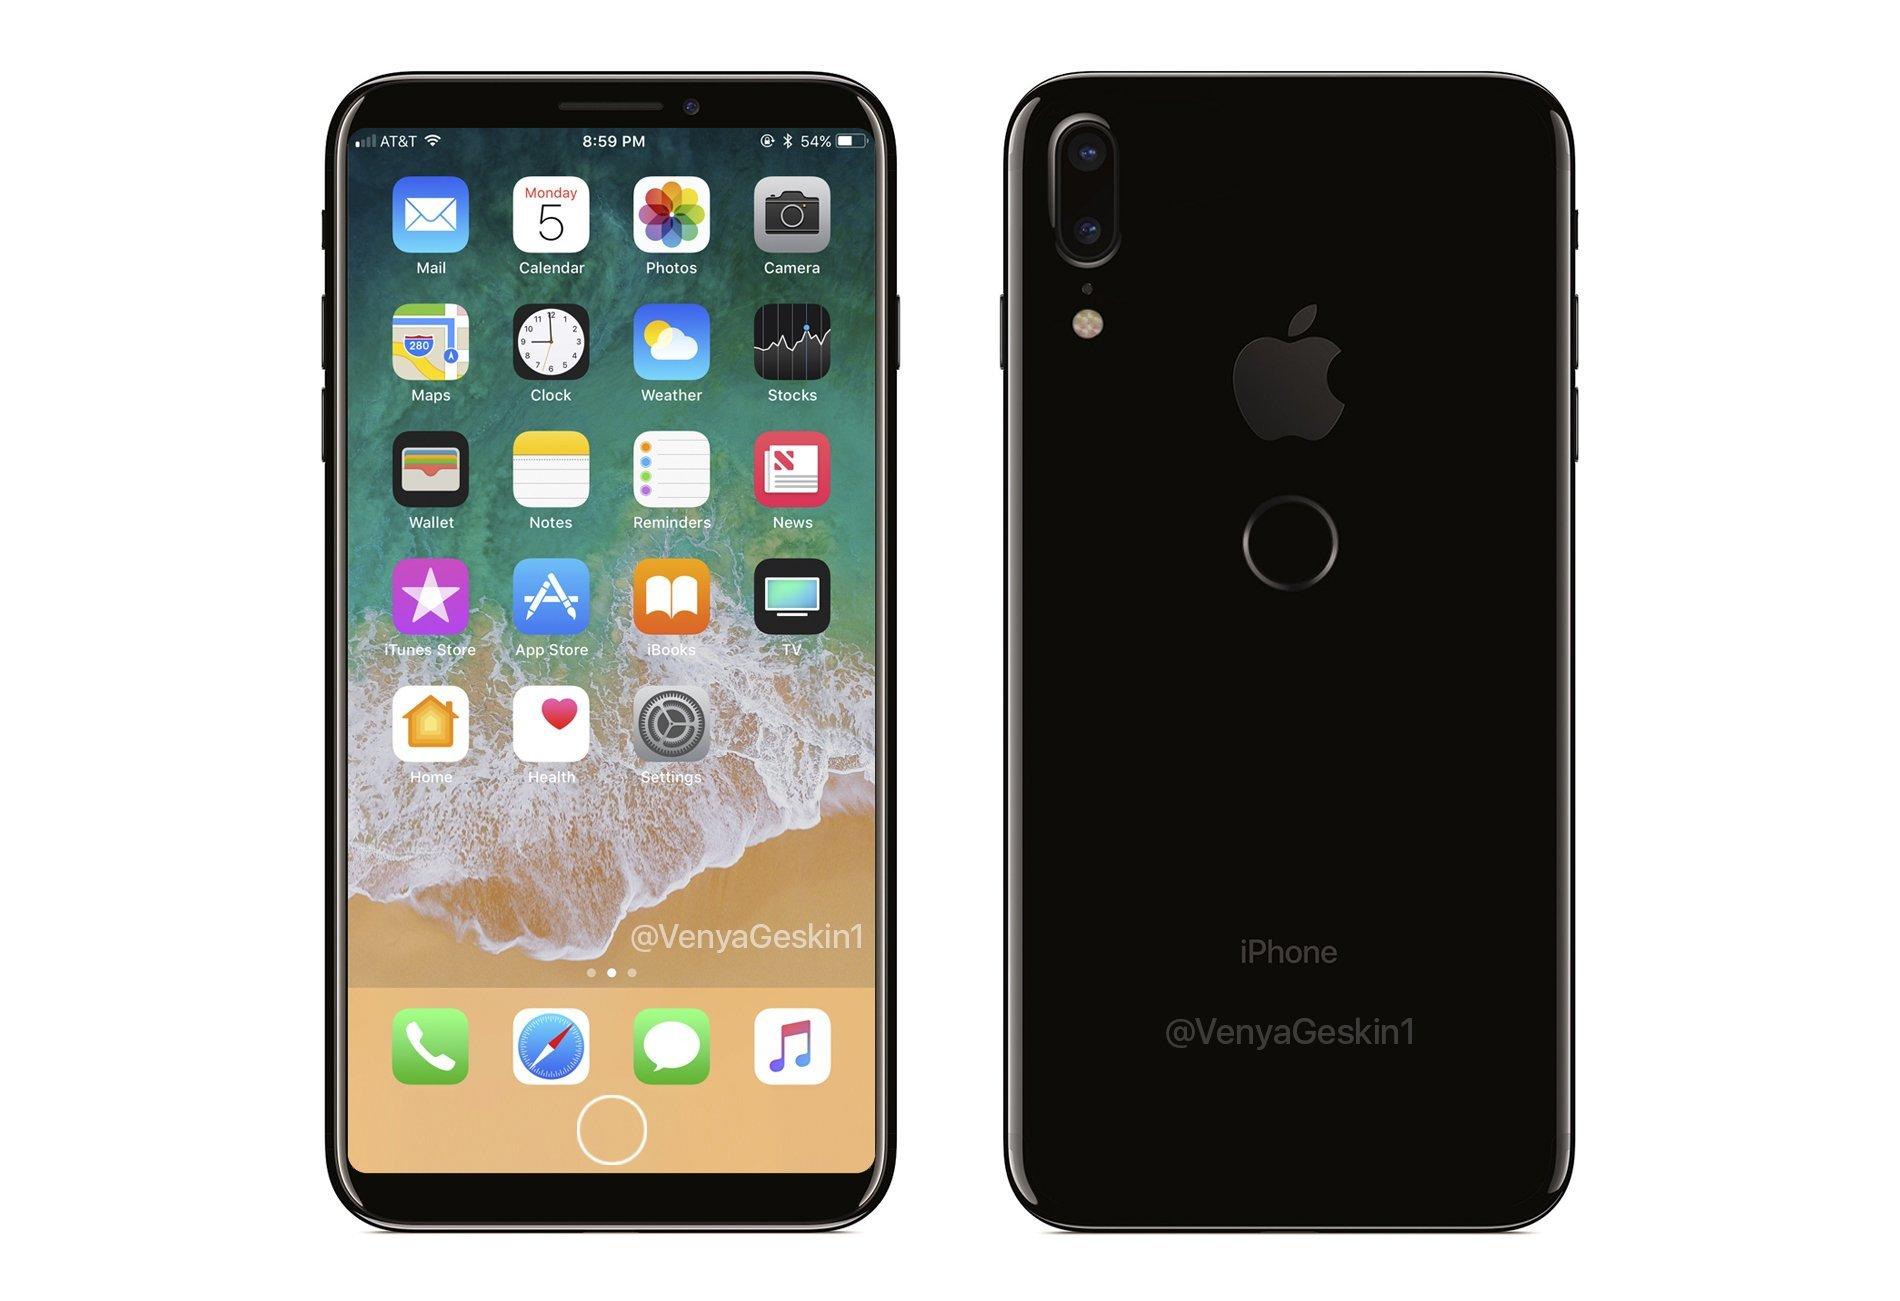 外媒報導指出,iPhone8可能將延後至11月發表。圖為i8 指紋辨識設計圖。(圖/翻攝自Benjamin Geskin推特)